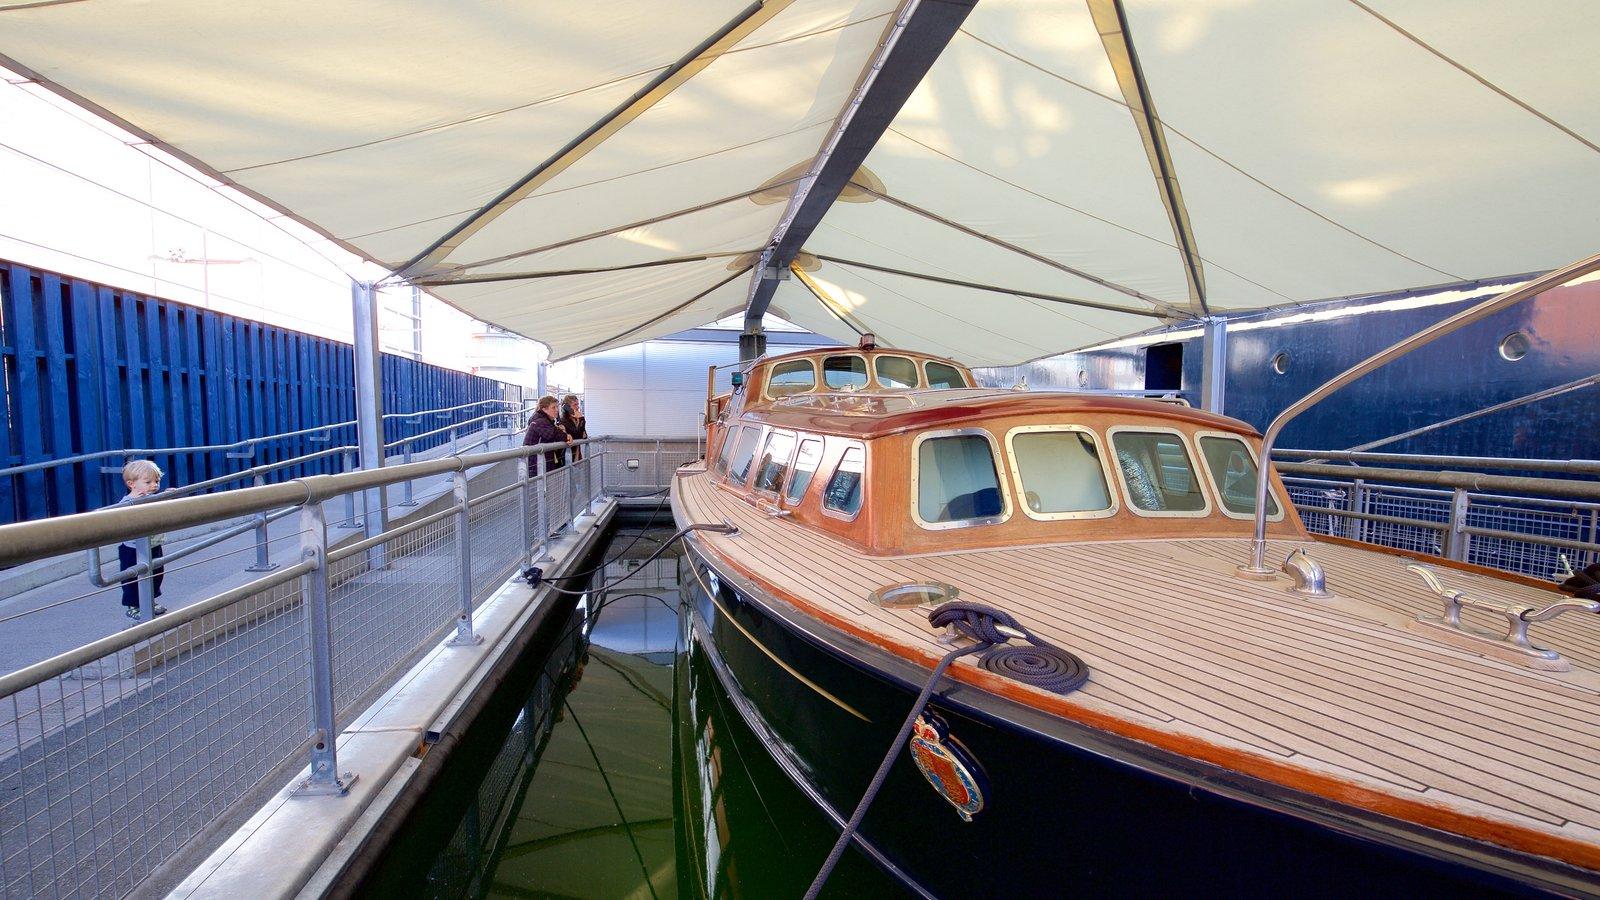 Royal Yacht Britannia que inclui canoagem e elementos de patrimônio